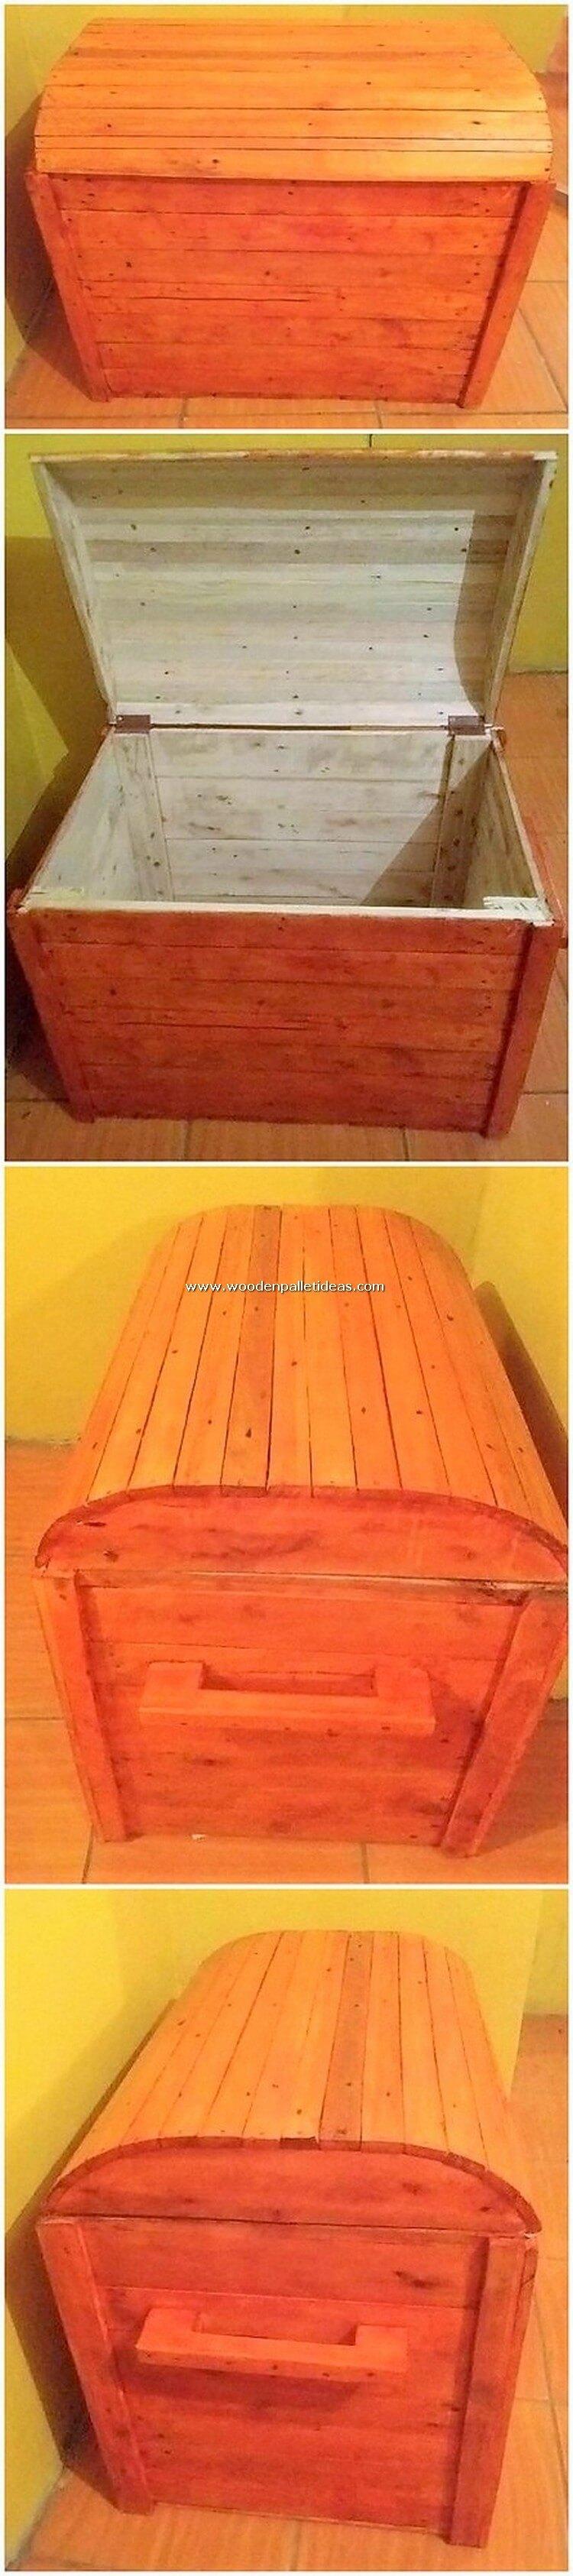 Pallet-Storage-Box